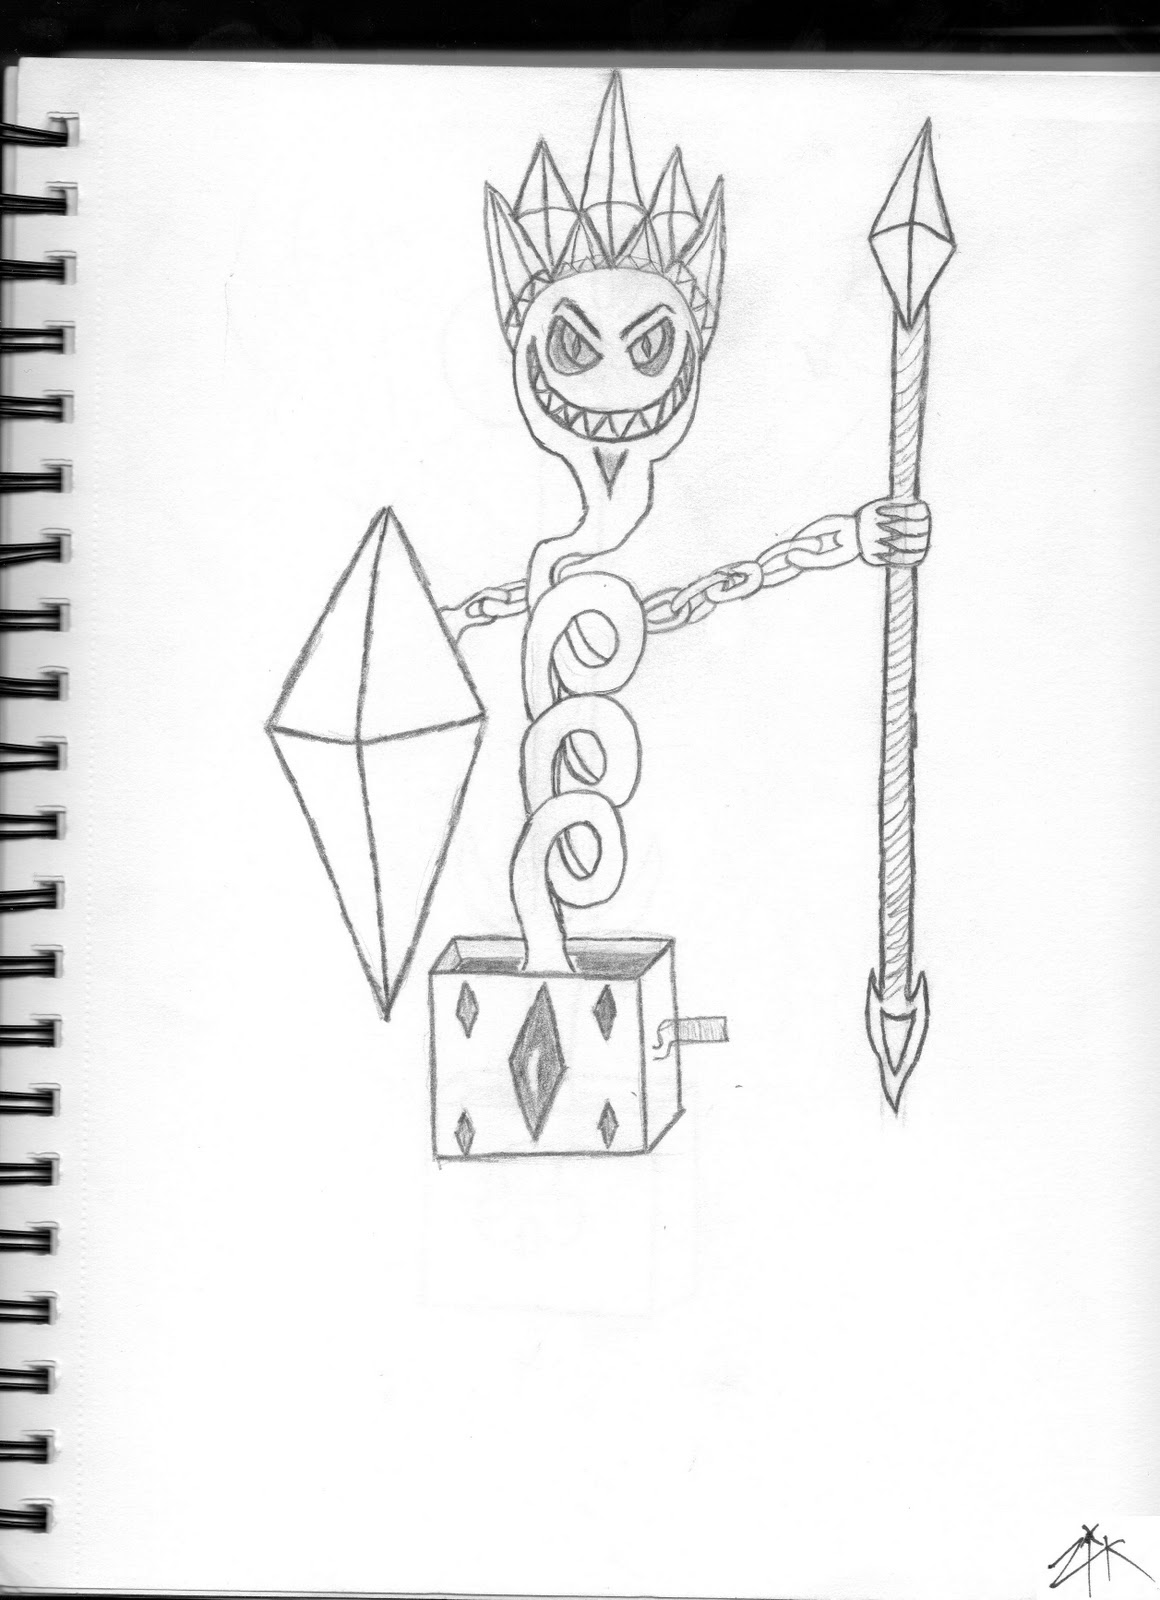 Ace Of Dimonds